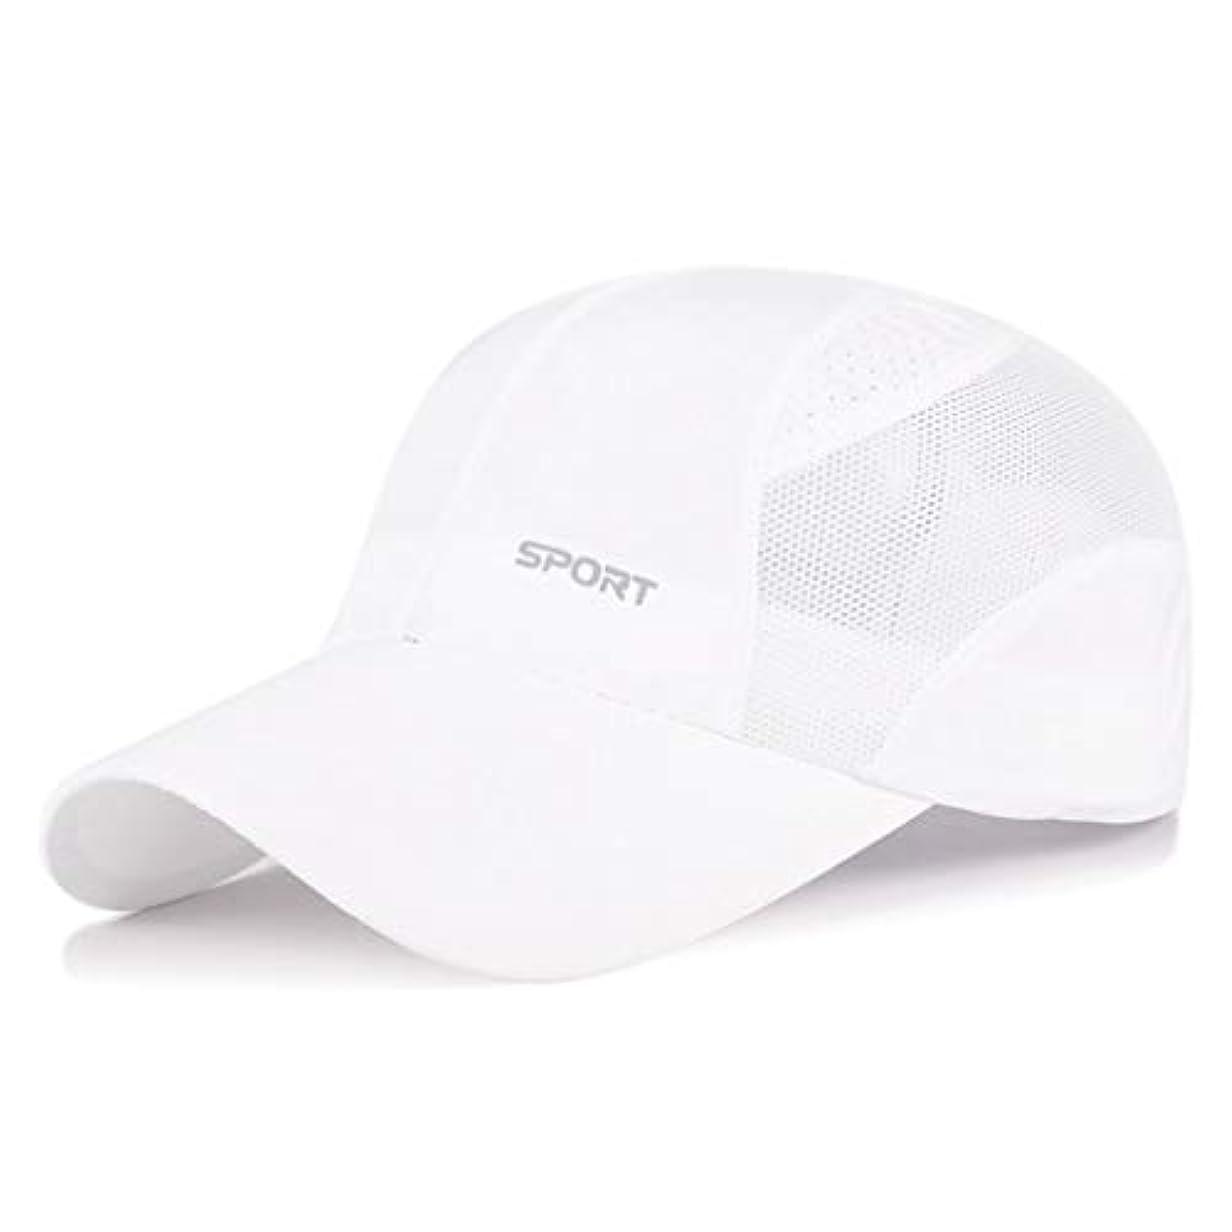 温度ビジョン航空便日よけ帽 日曜日帽子夏の男性と女性のアウトドアレジャースポーツ野球帽速乾性通気性メッシュキャップ日焼け止めバイザーキャップ54-59cm UPF 40+ ZHAOSHUNLI (Color : White)